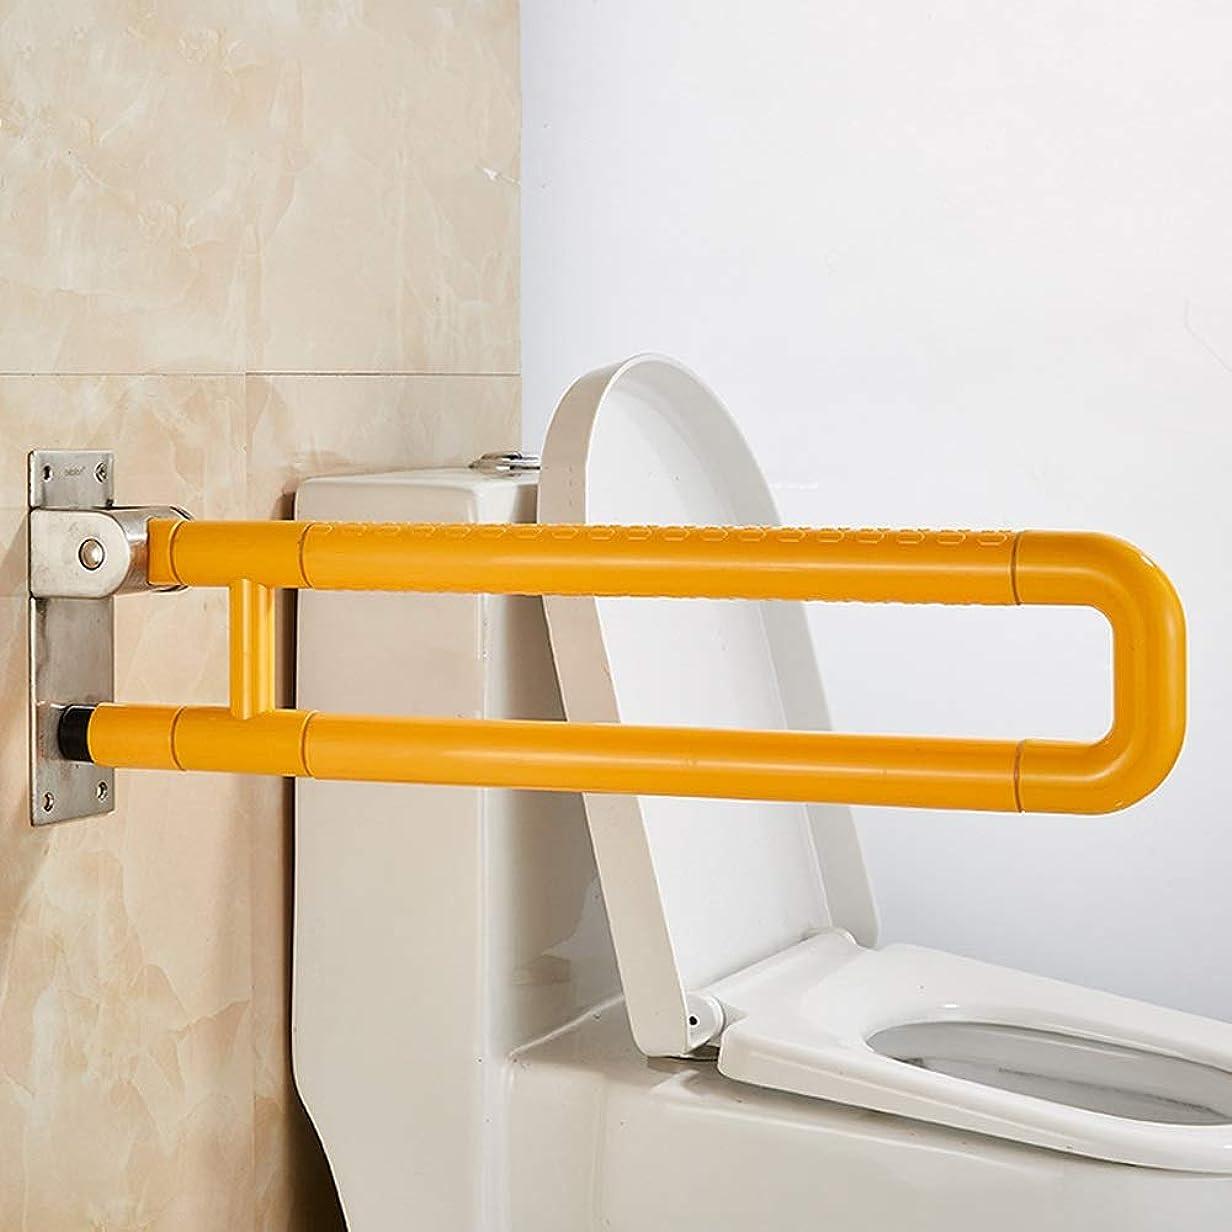 ゾーン実行メディアバスルームのアームレスト-U字型トイレの手すり、高齢者の安全ノンスリップナイロン/ステンレススチールの手すり、バリアフリー/折りたたみ式/折り返し可能、620 * 135mm